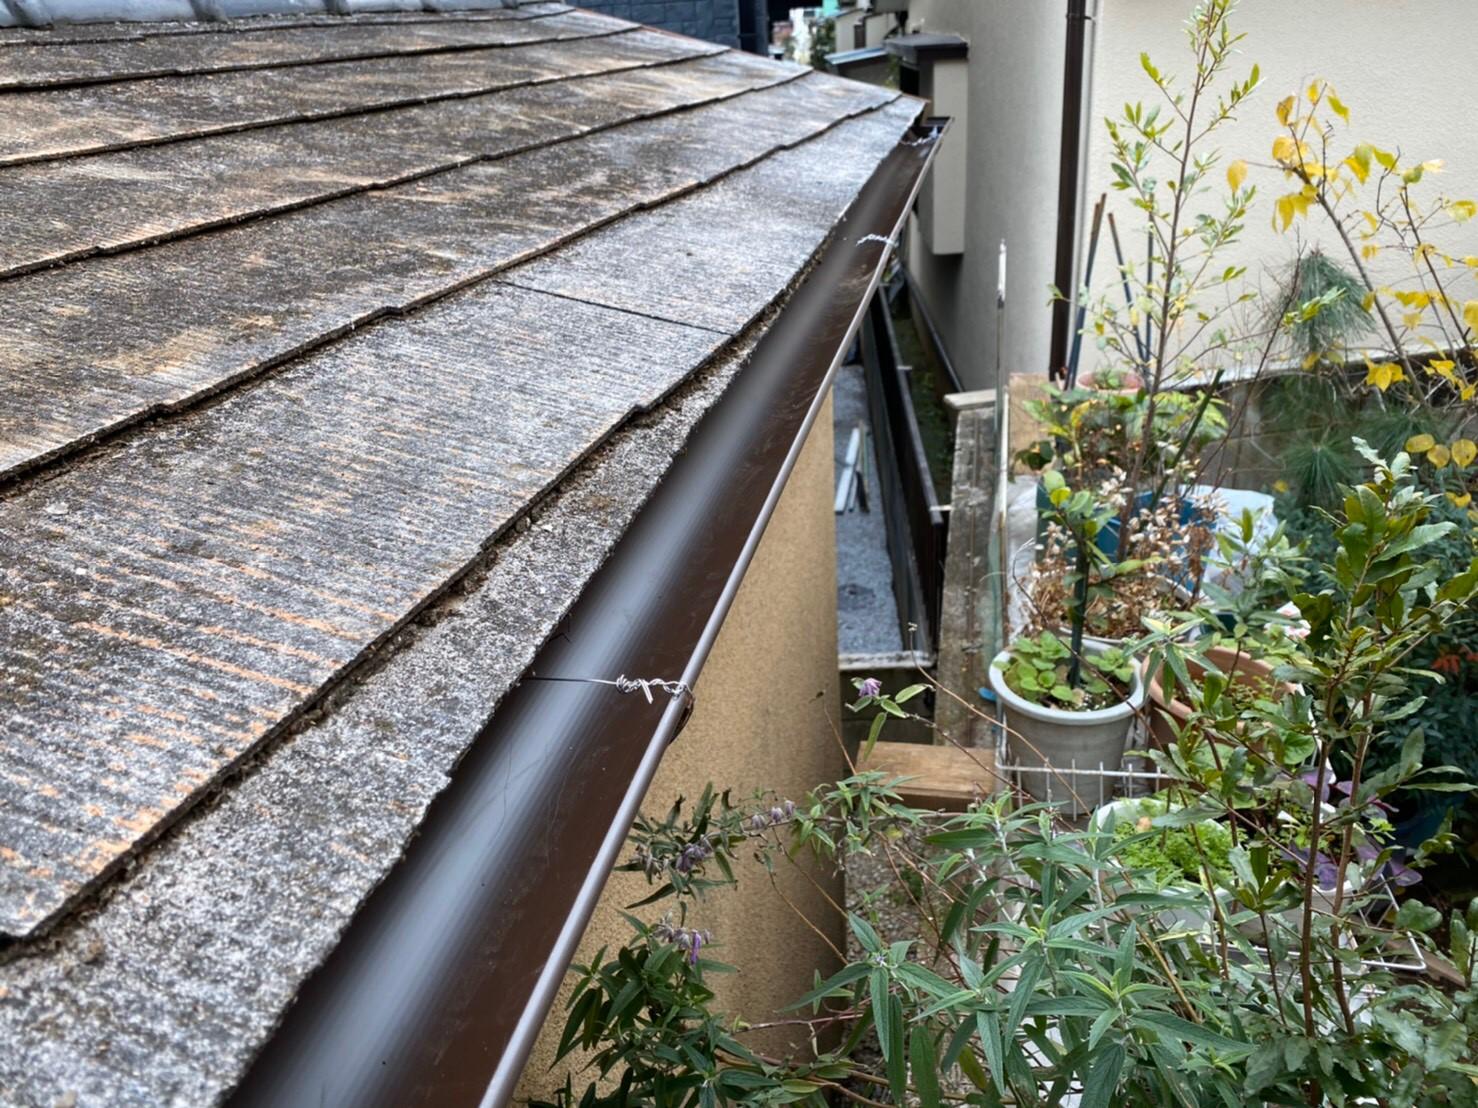 【施工完了報告!】雨どいのメンテナンス行いましょう!埼玉県さいたま市にて雨どい交換工事!